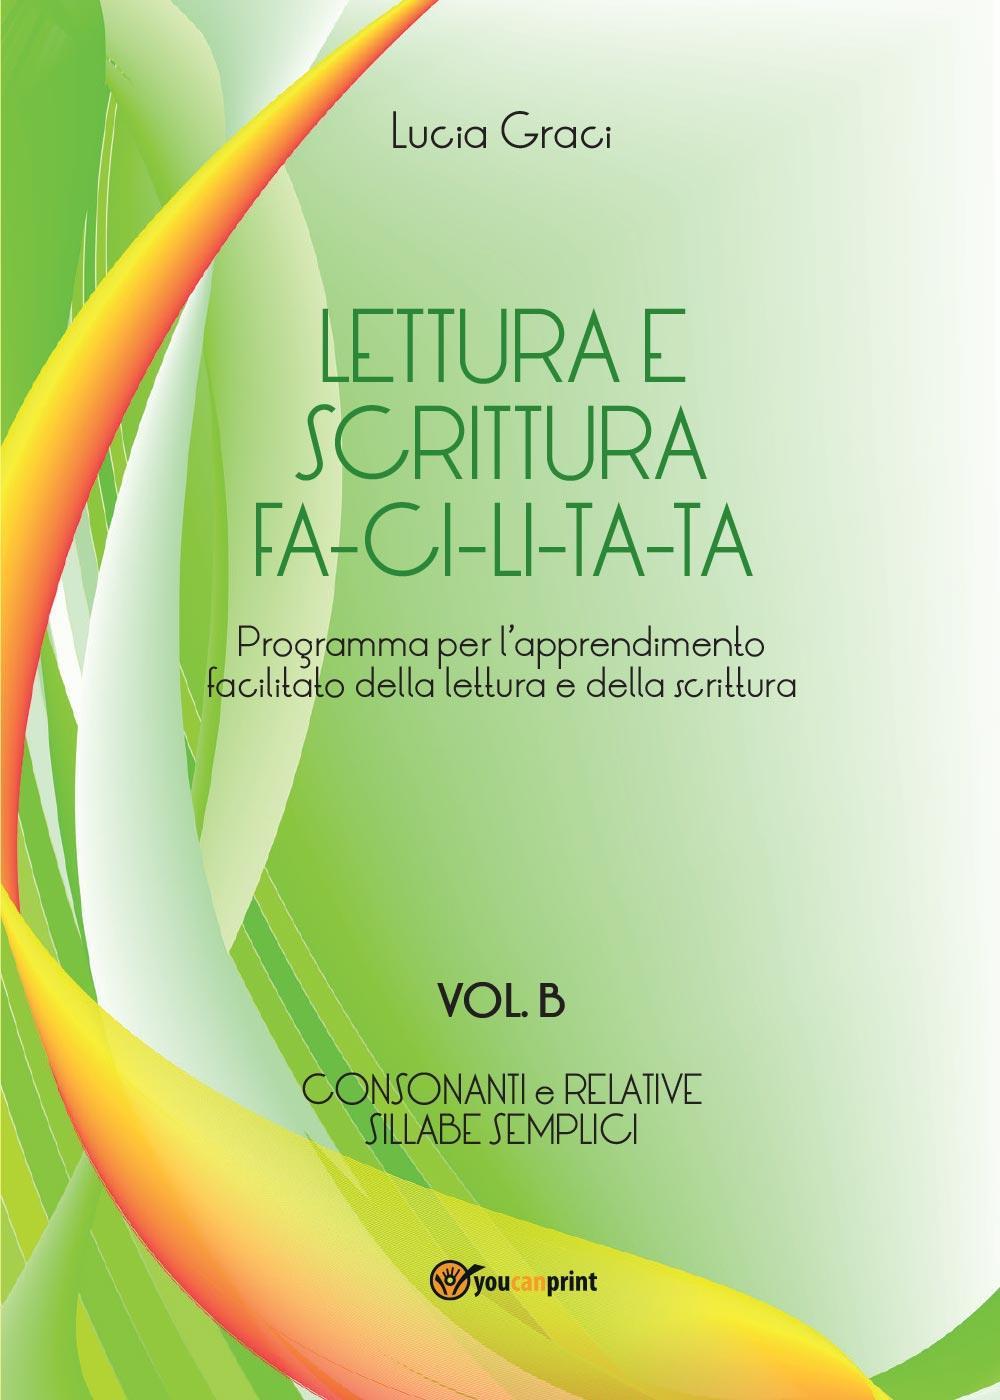 Lettura e scrittura facilitata - Vol. B